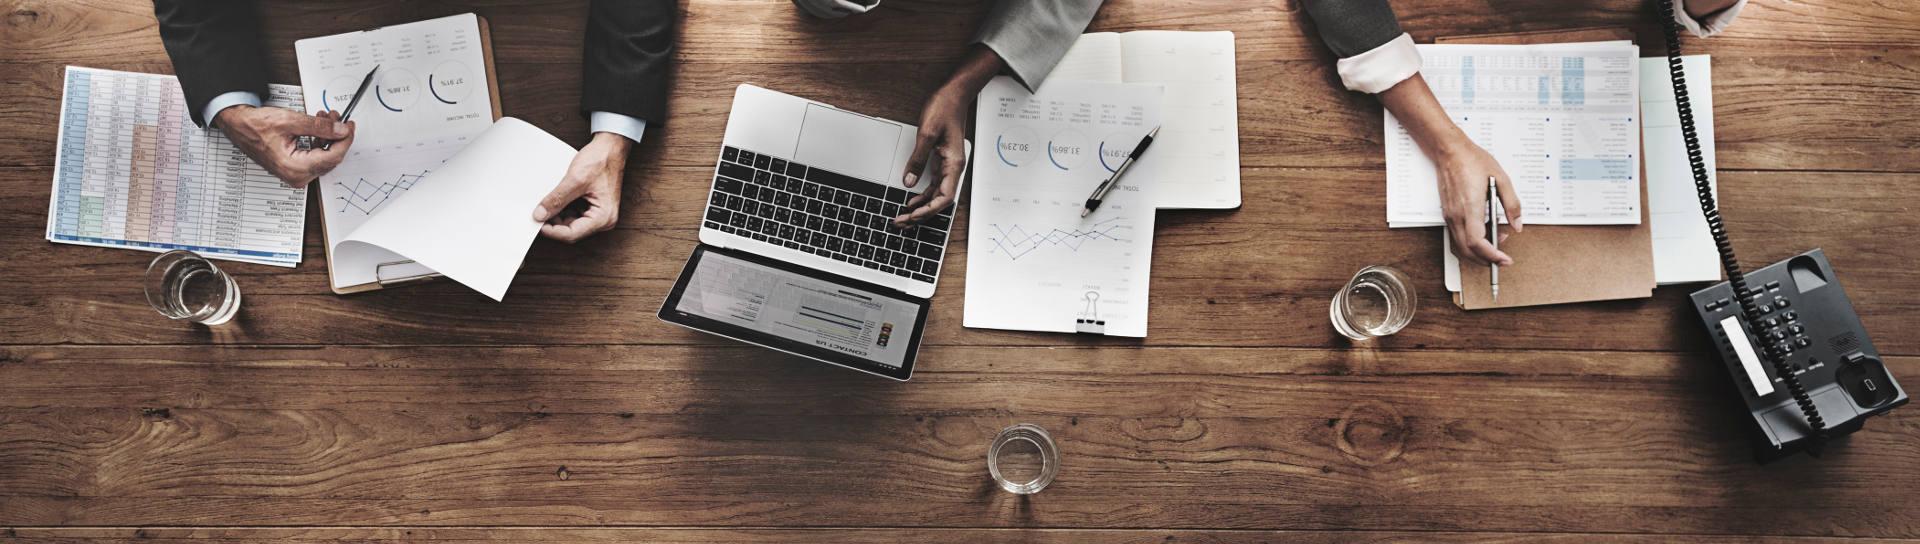 Redazione Assodigitale Elenco dei Contributori Articoli Pubblicati - Redazione Assodigitale - Elenco dei Contributori - Articoli Pubblicati